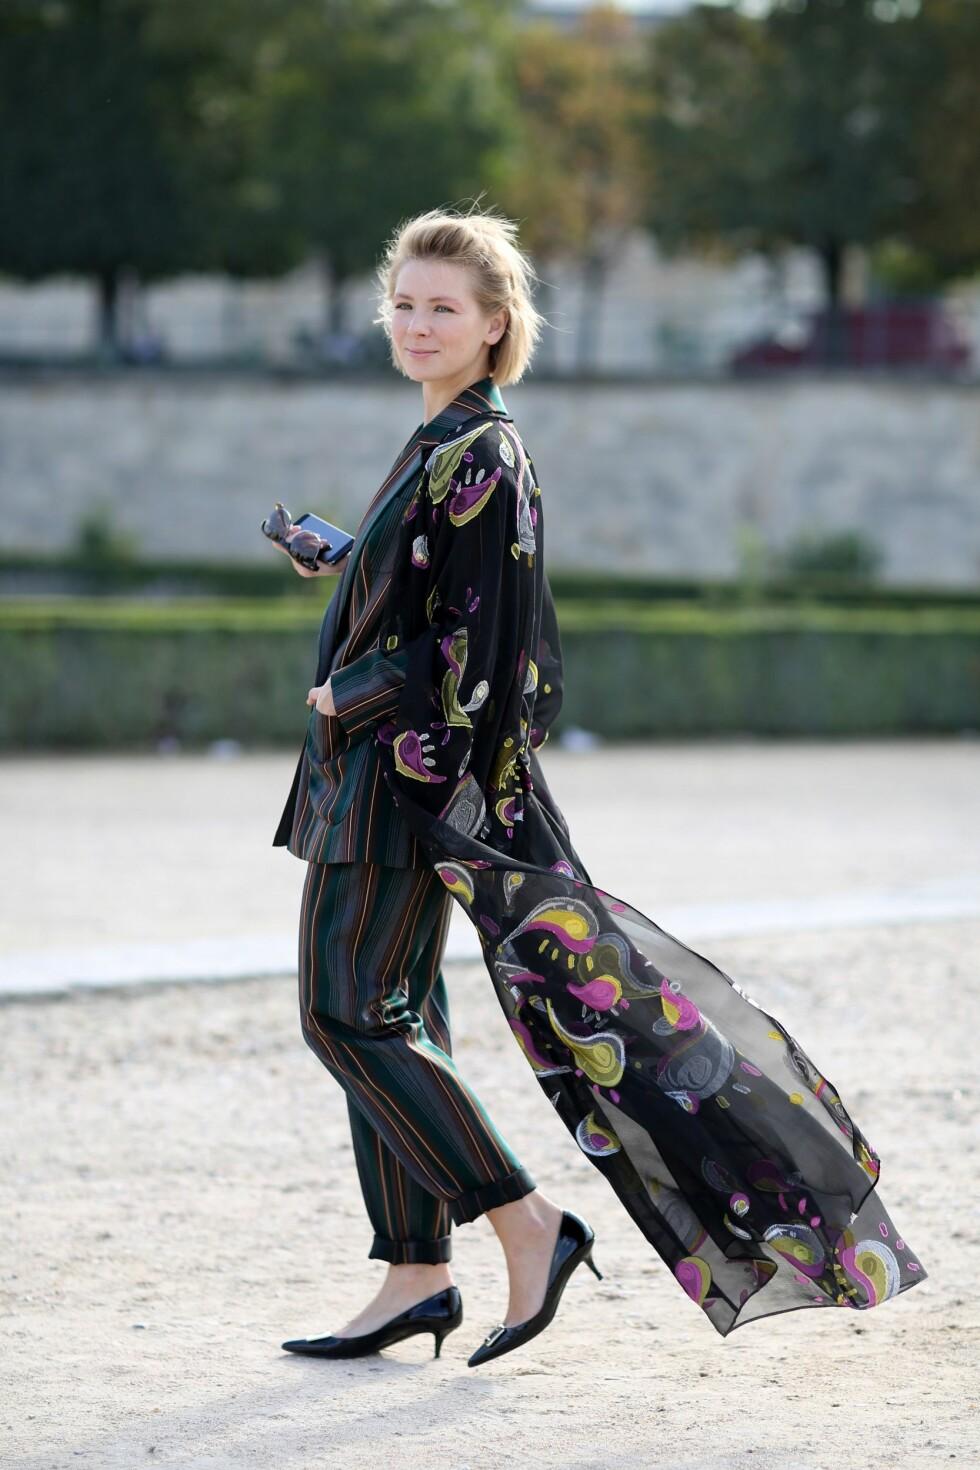 Transparent, fotsid skjorte erstatter kåpen over dressen. Foto: All Over